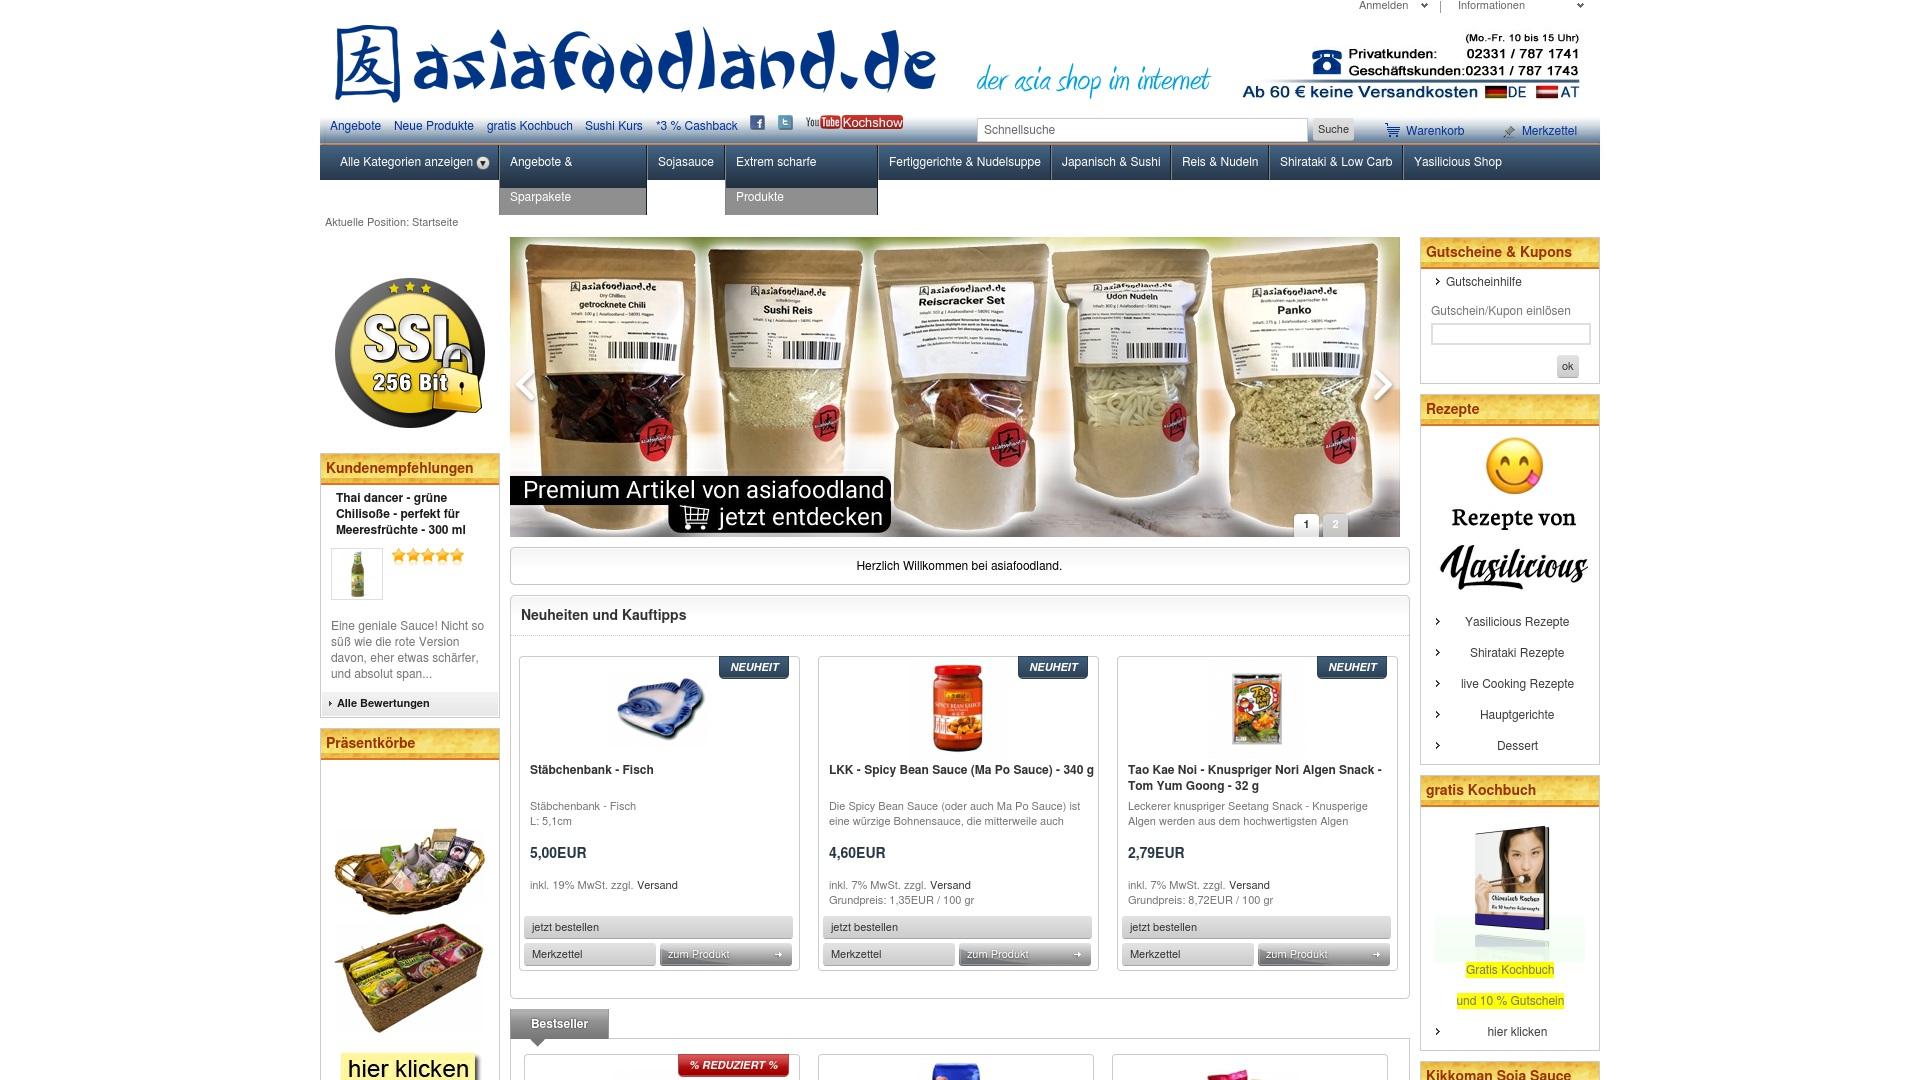 Gutschein für Asiafoodland: Rabatte für  Asiafoodland sichern